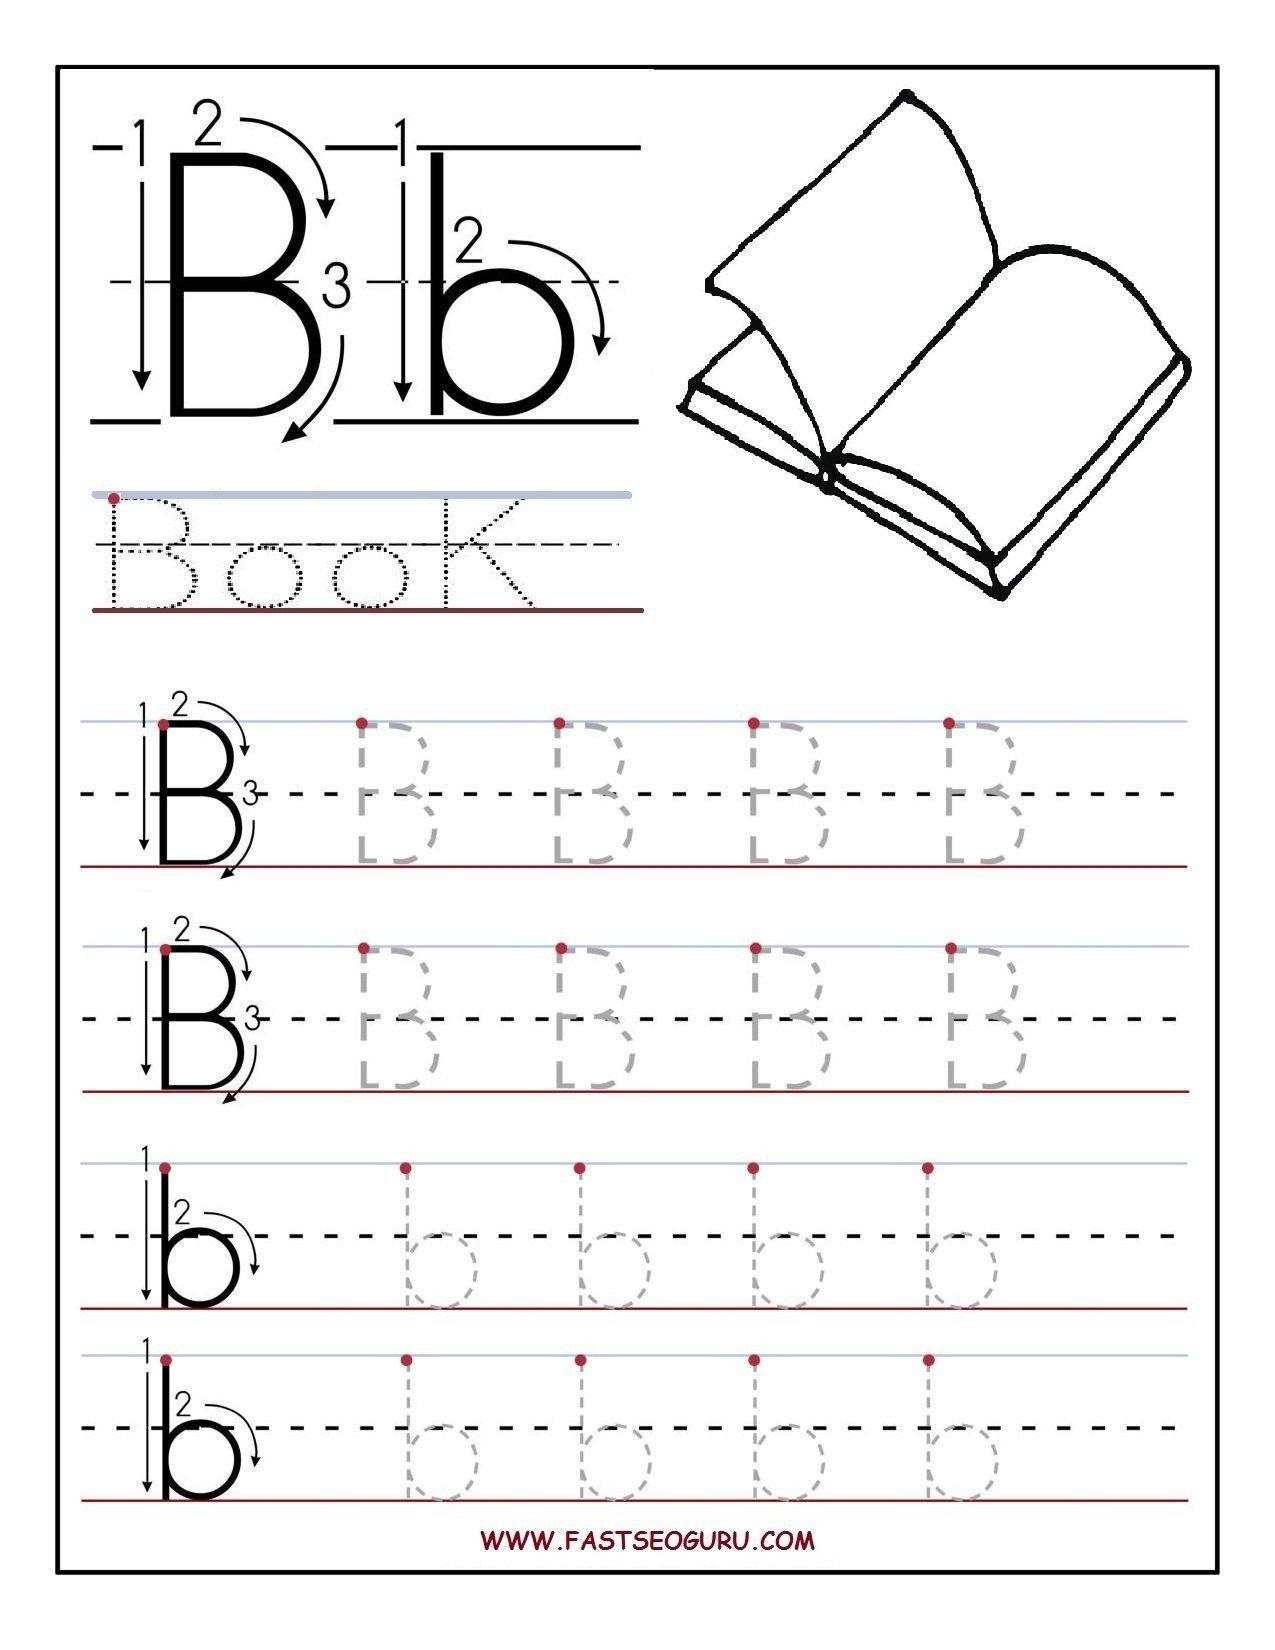 Letter B Worksheets Preschool Letter B Worksheets Buscar Con Google In 2020 Letter Worksheets For Preschool Alphabet Worksheets Preschool Alphabet Writing Worksheets